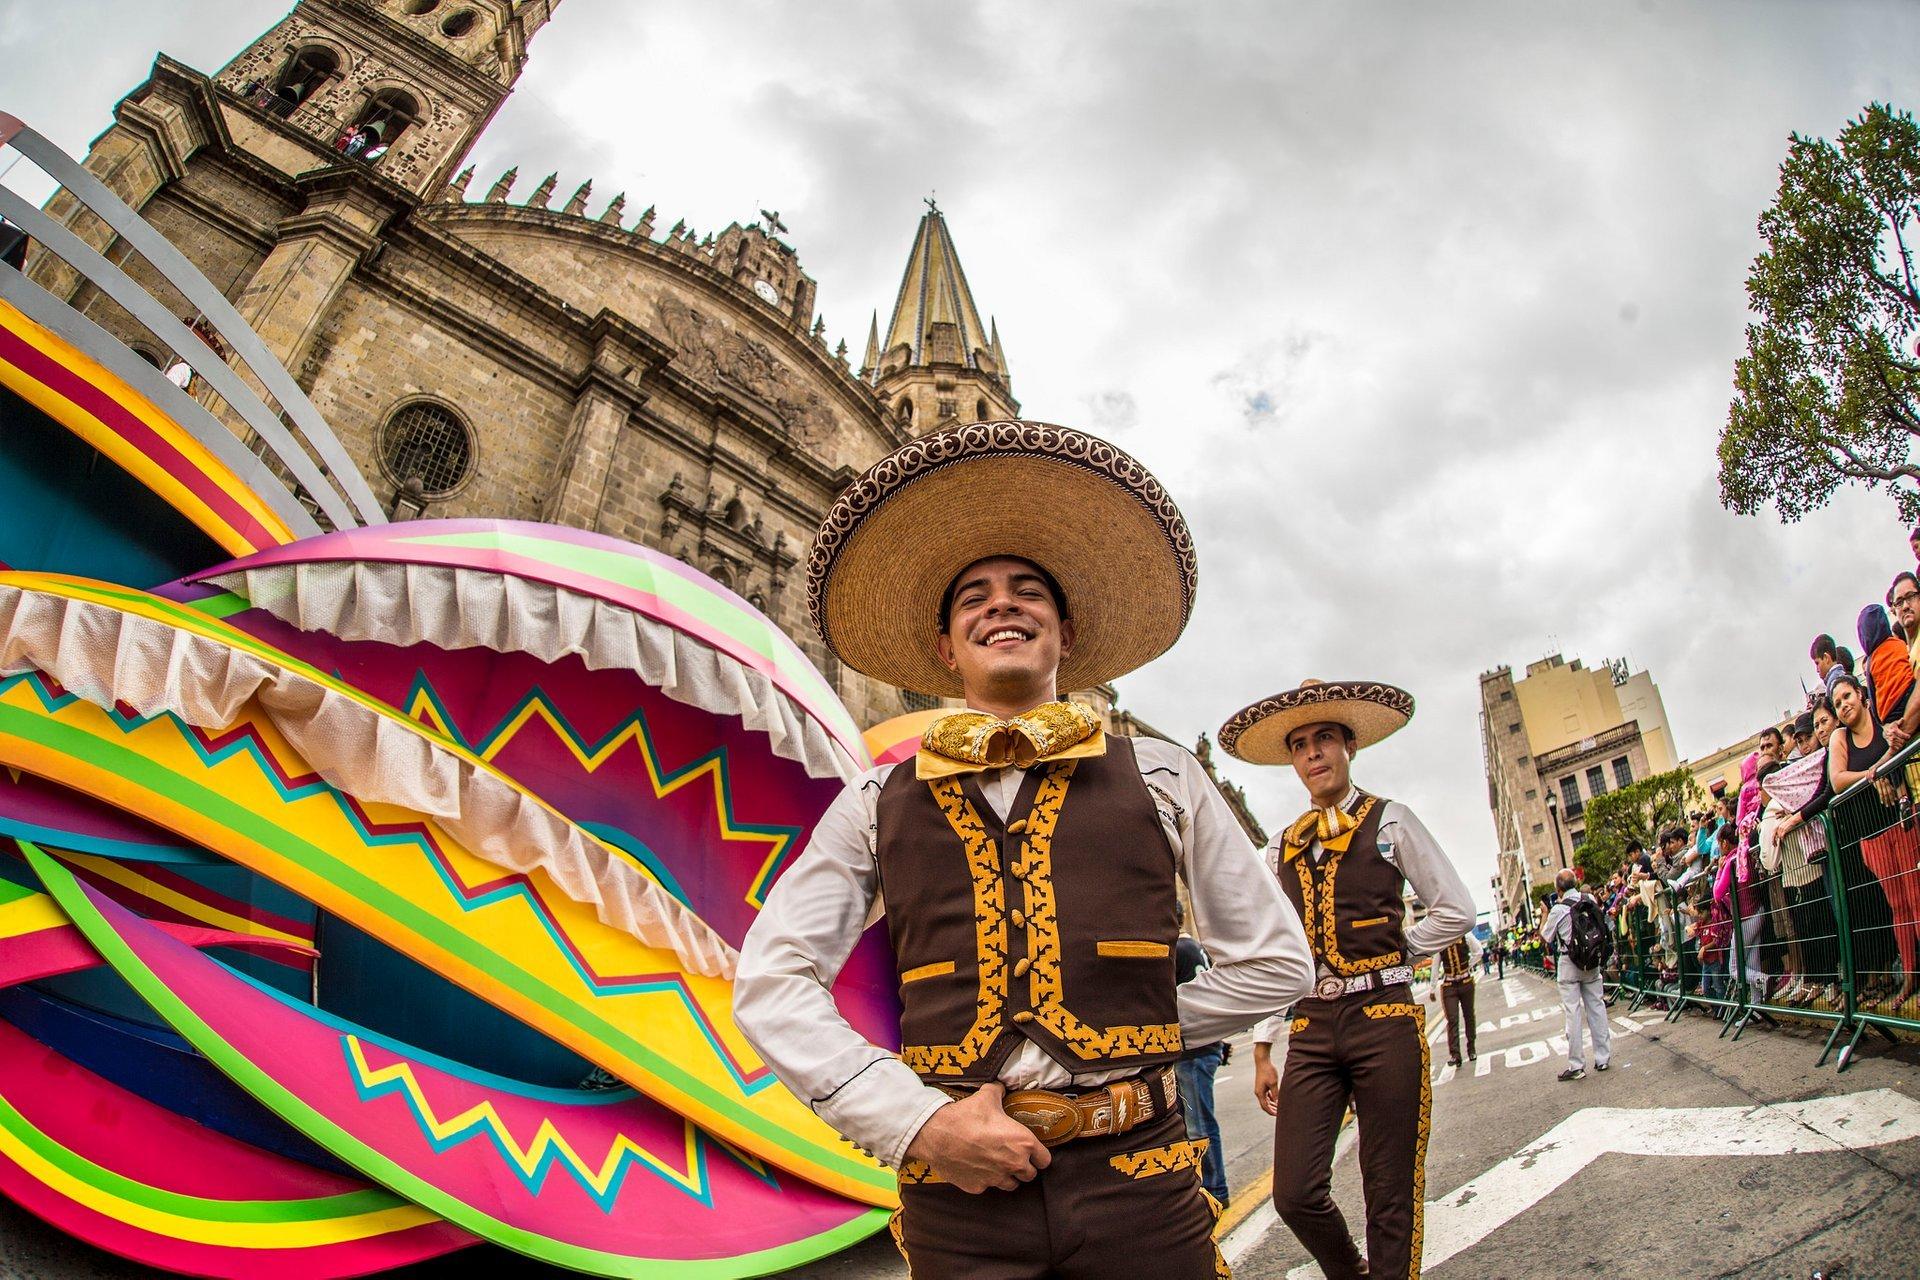 Fiestas de Octubre in Mexico - Best Season 2020